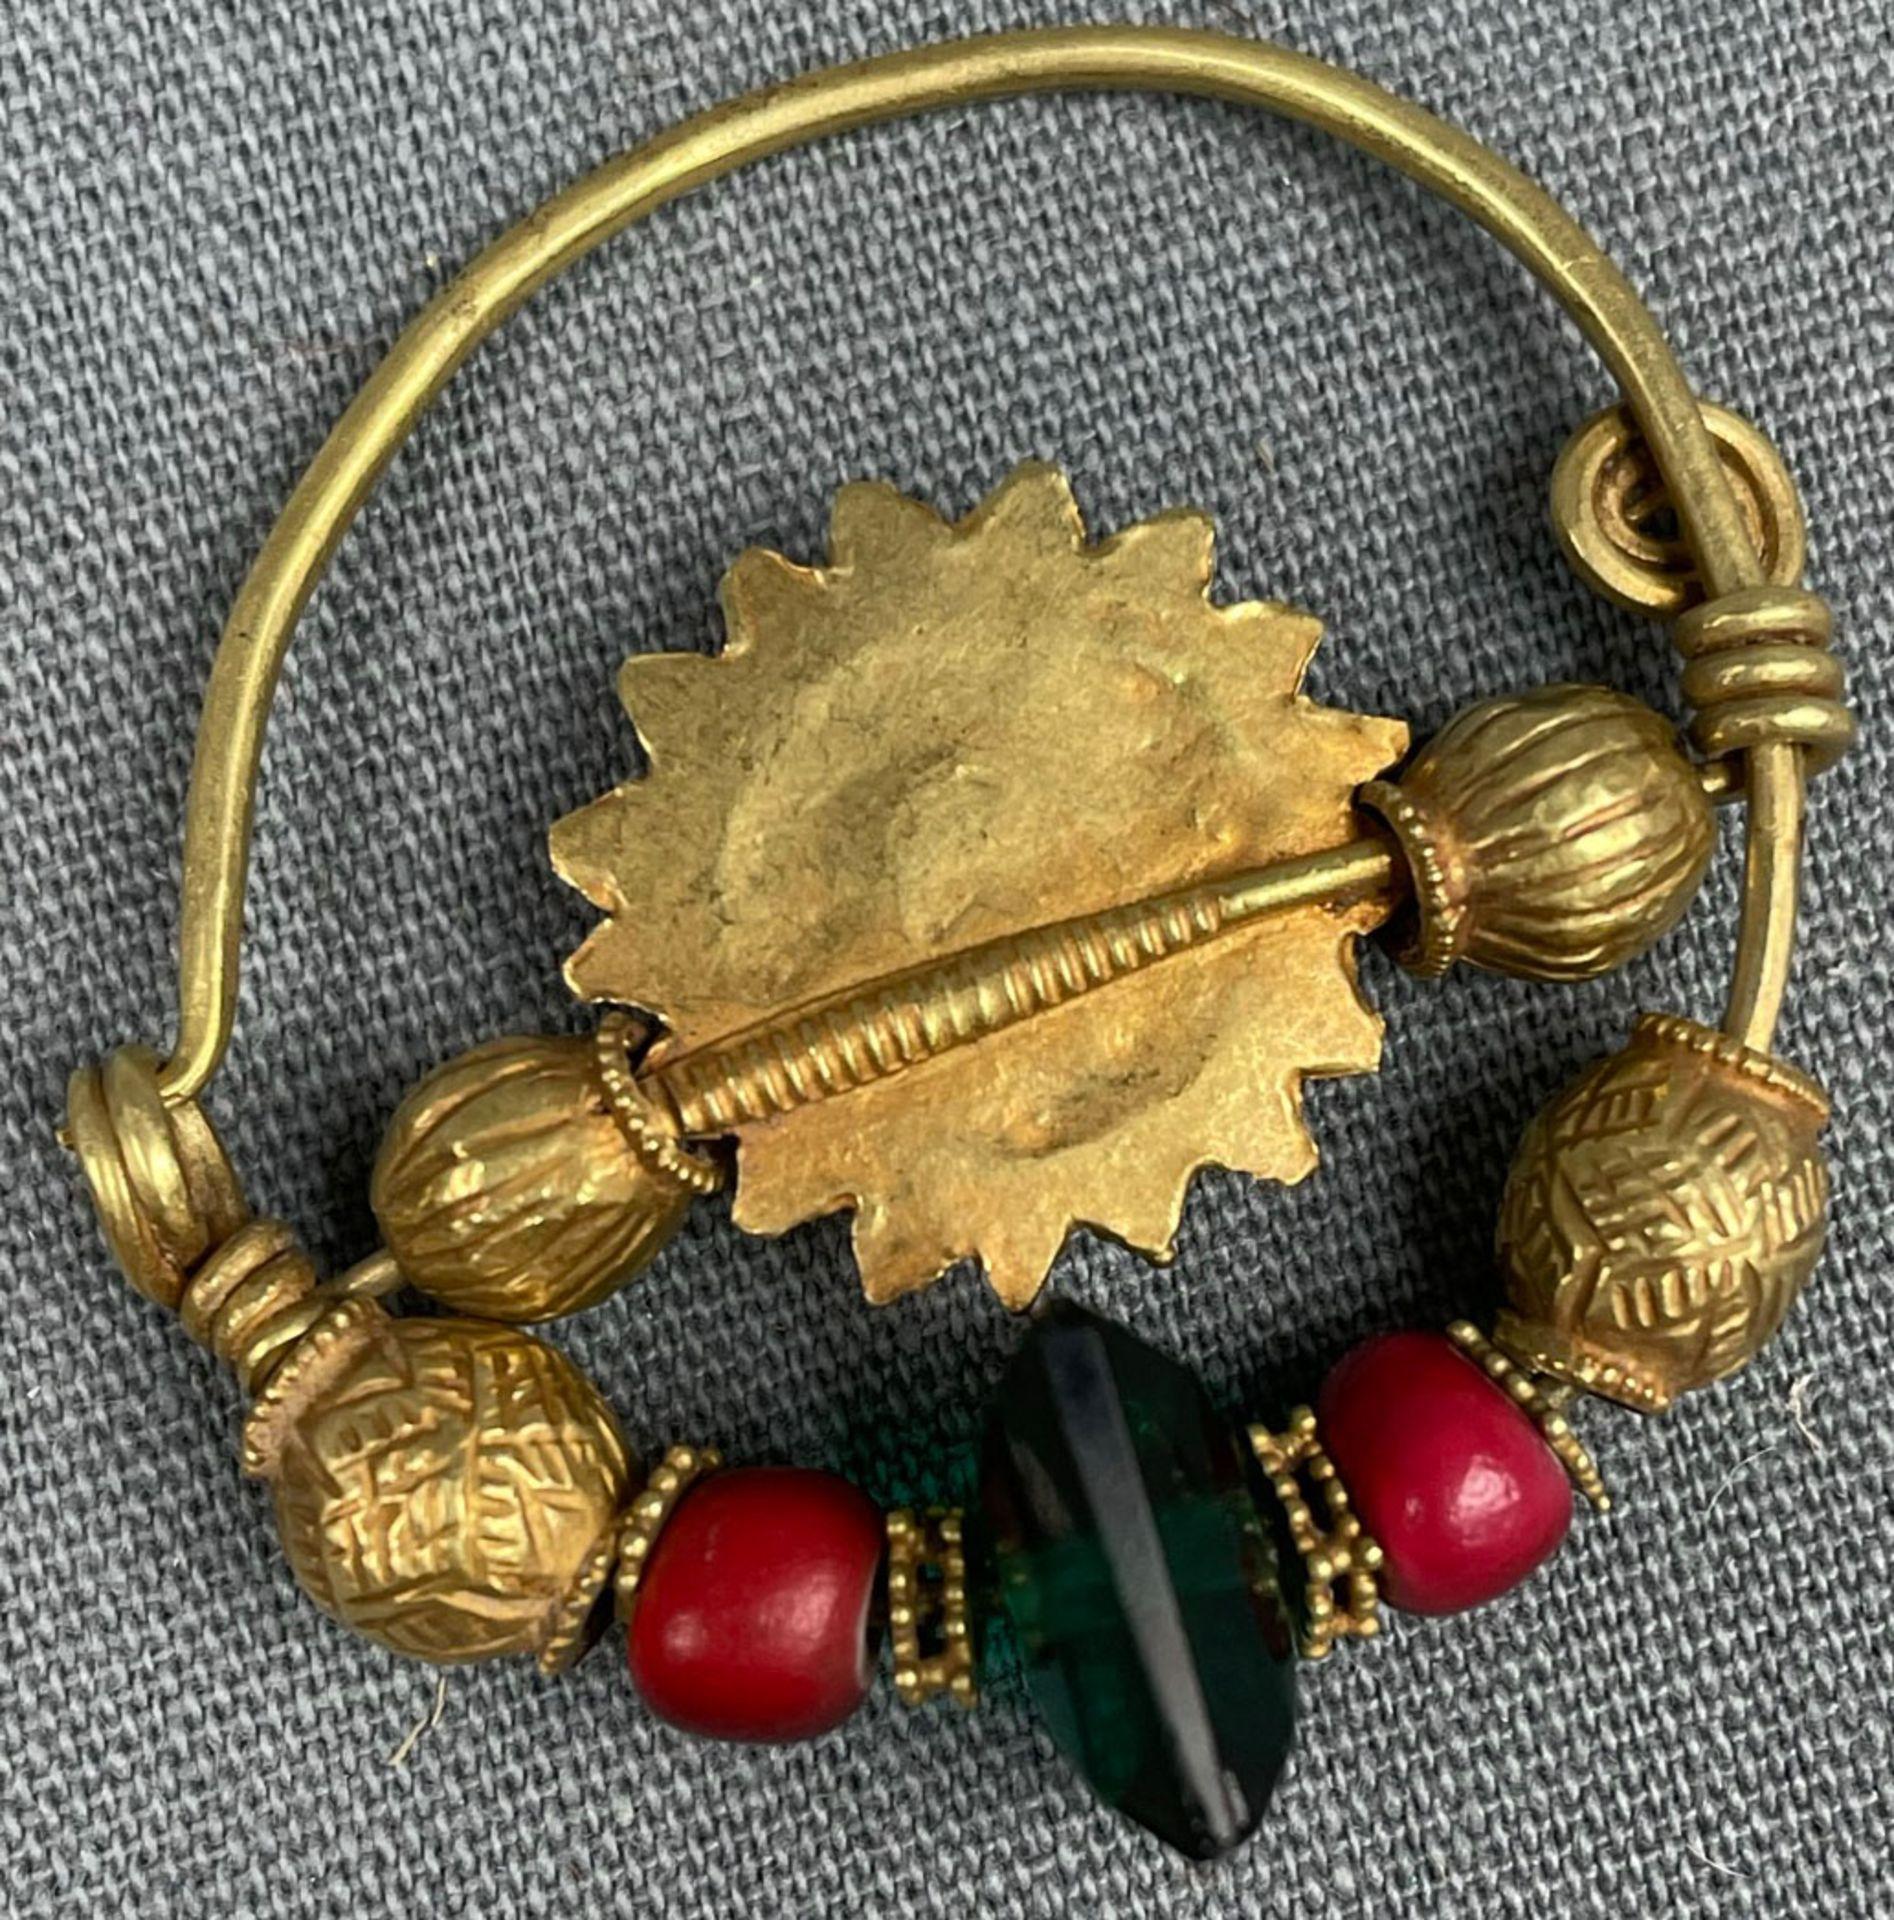 3 Anhänger, Ohrschmuck? Wohl Mogul Indien antik. Gold. - Image 4 of 10